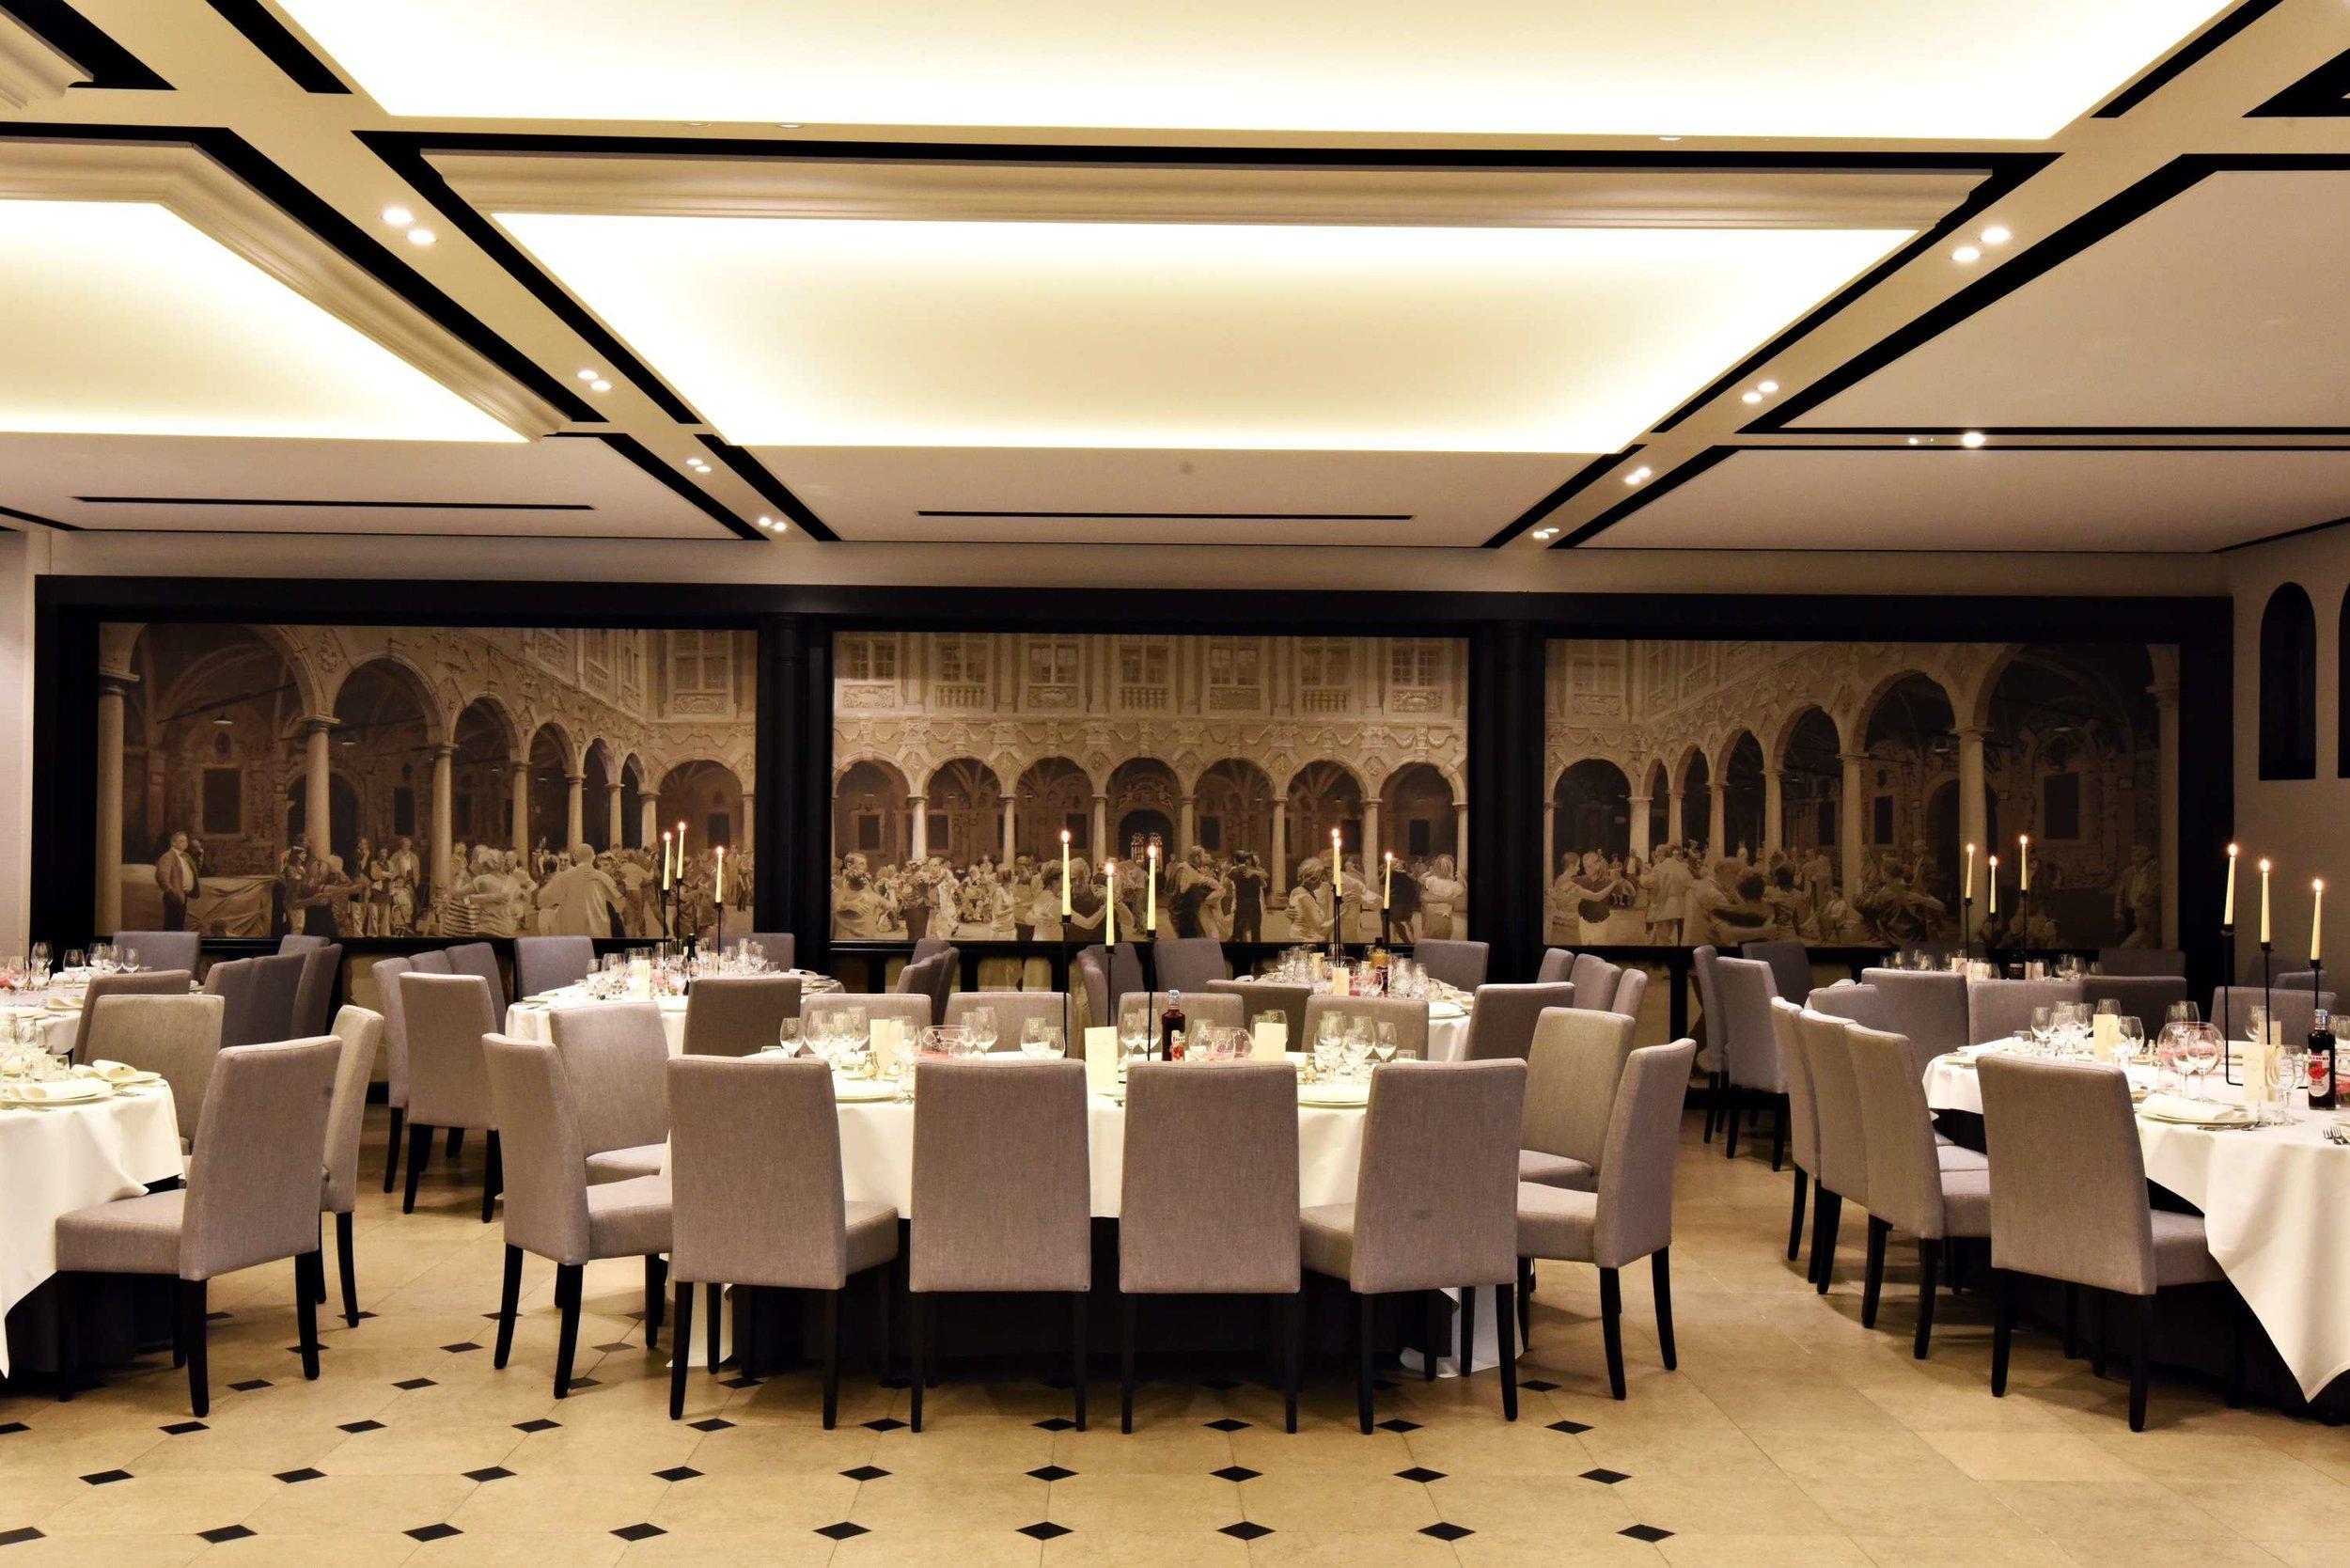 9 terras zaal saint germain feestzaal restaurant ontbijt diksmuide bart albrecht tablefever.jpg